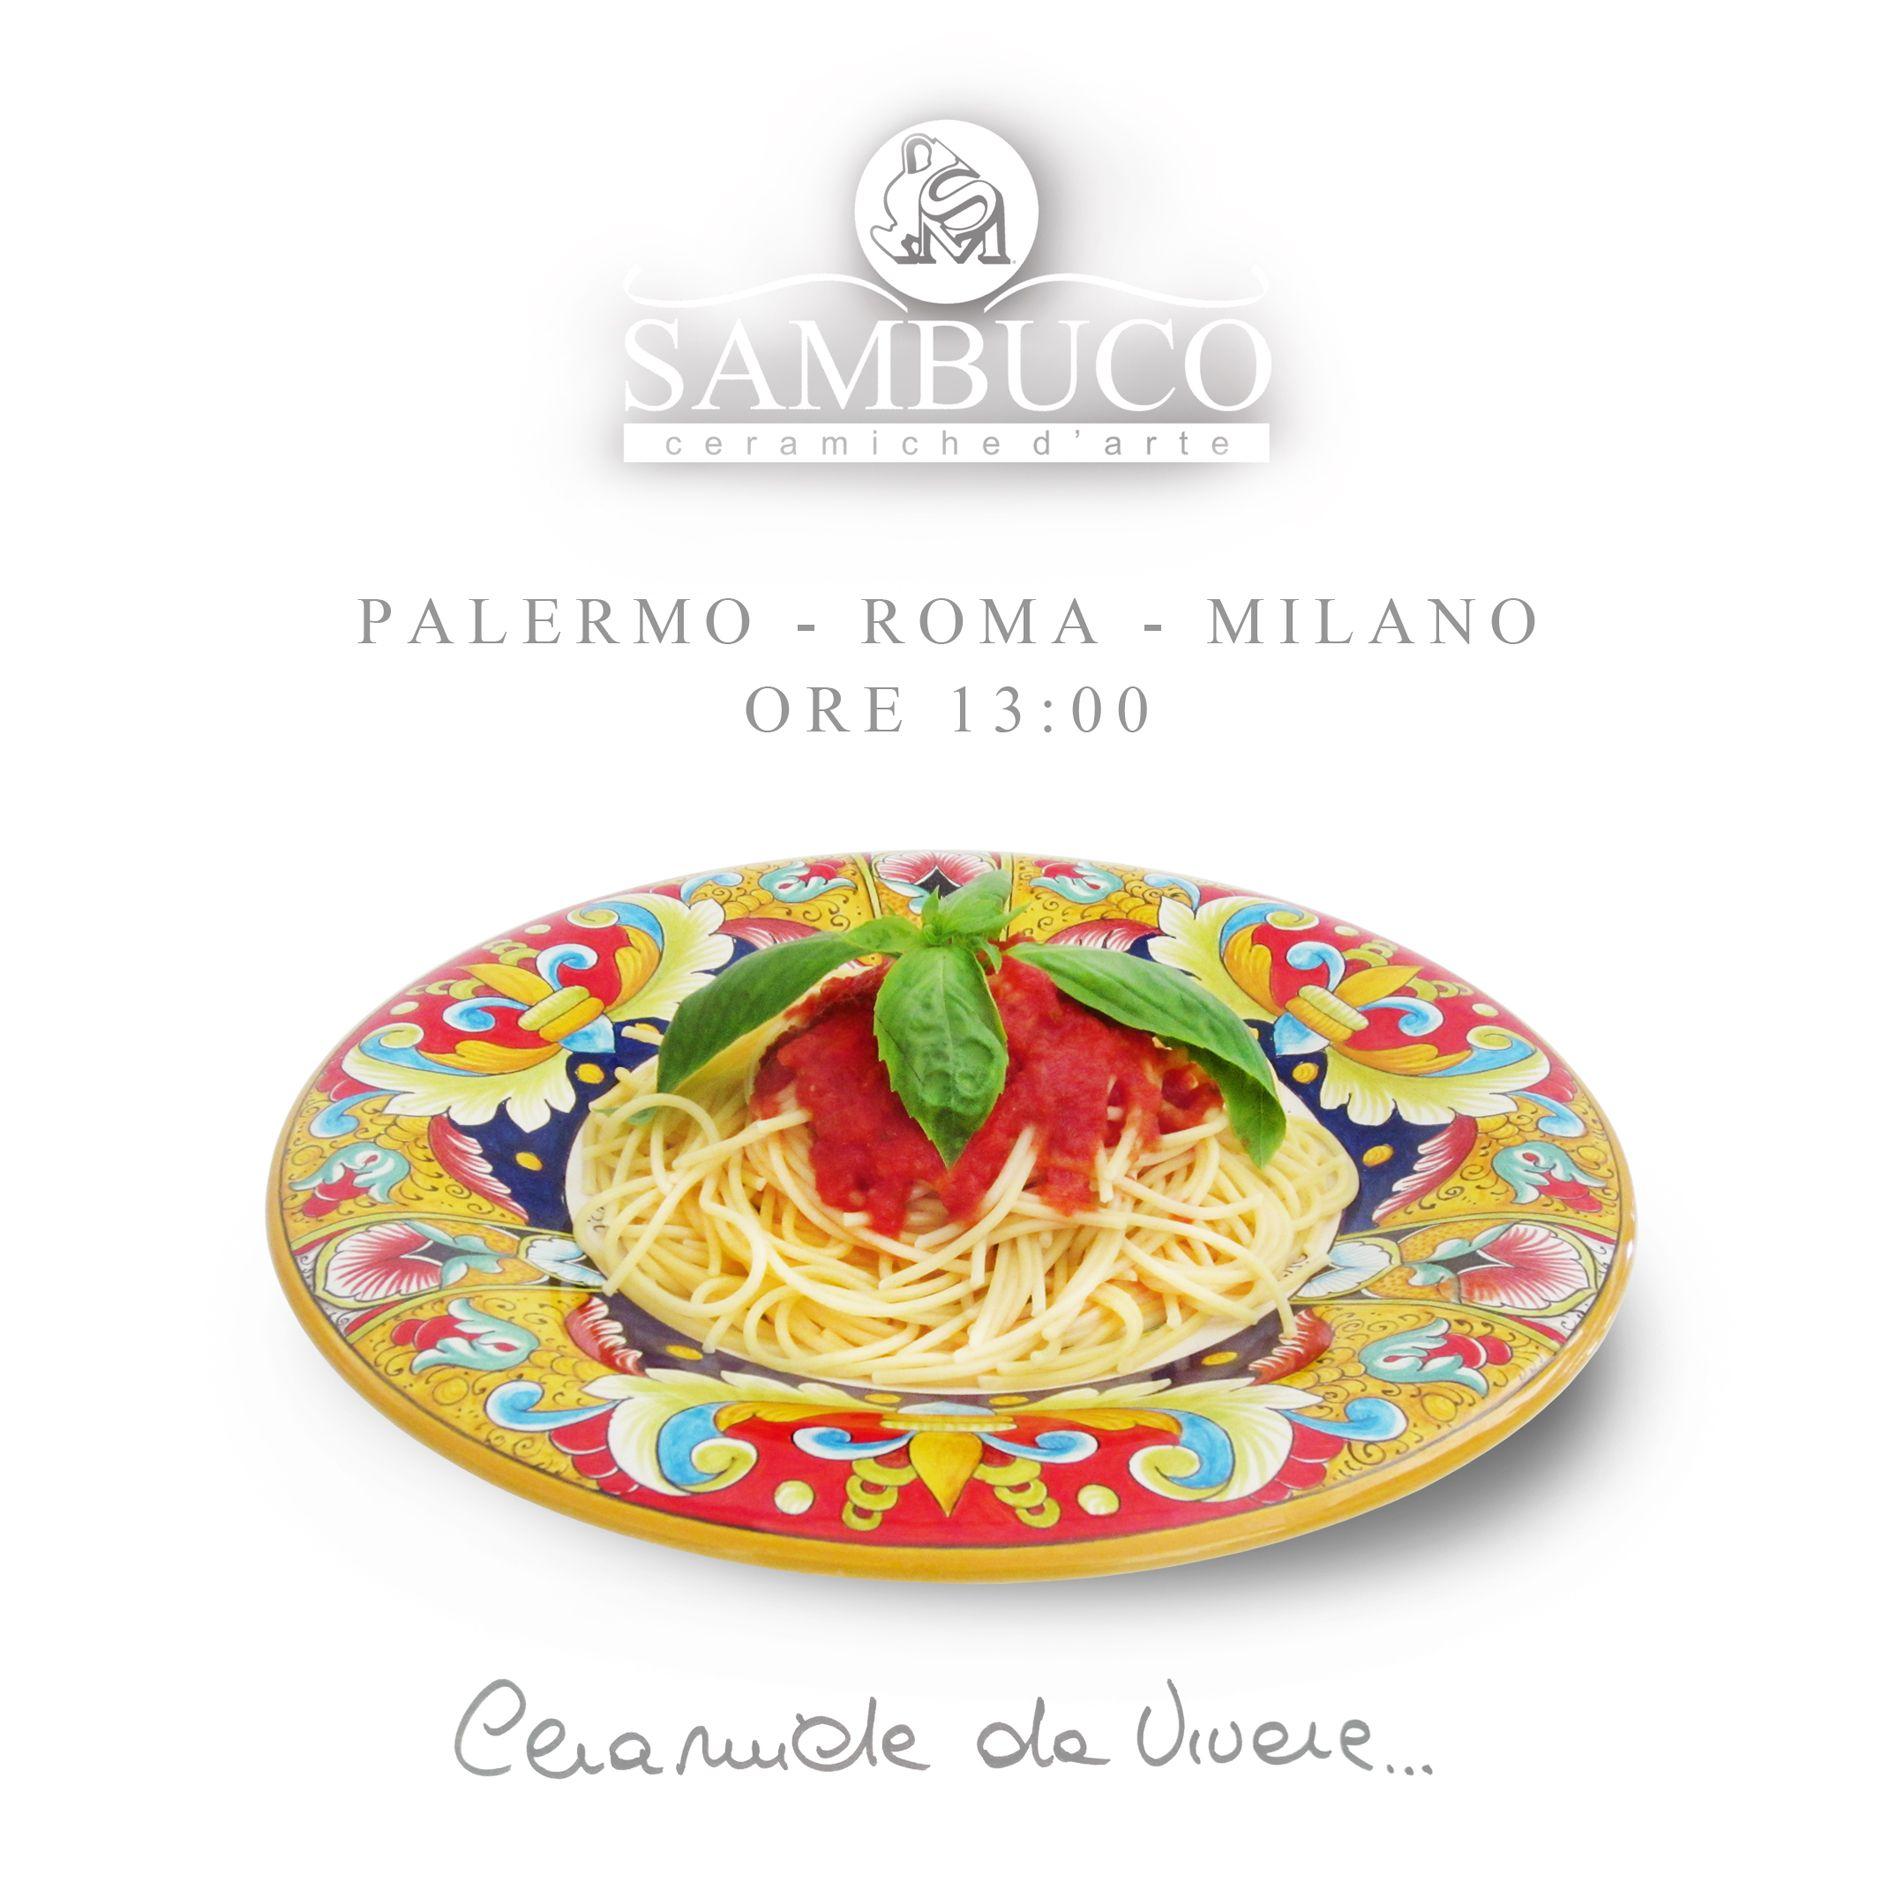 Ceramiche da vivere / Ceramics to live Ceramiche Sambuco Mario ...